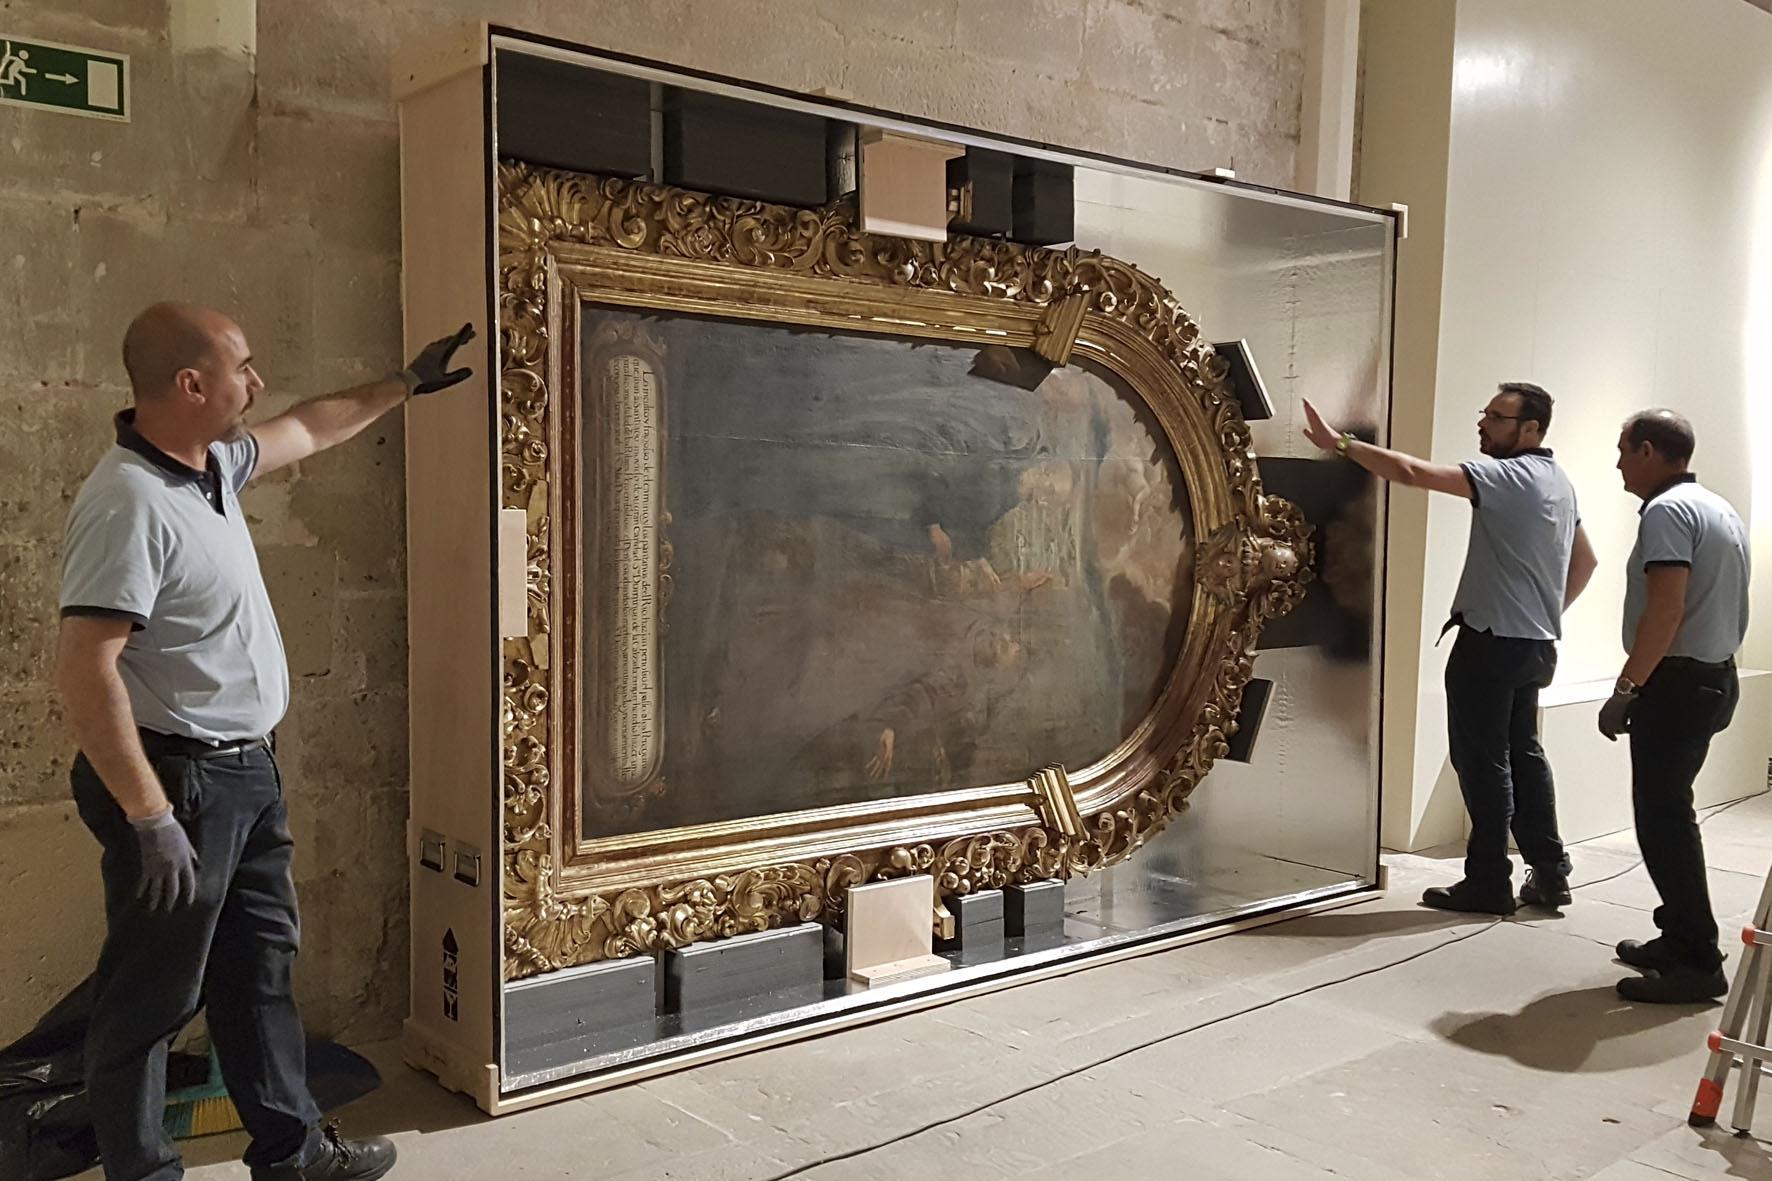 Montaje y desmontaje de exposiciones | Proyectos Culturales, gestión del patrimonio cultural